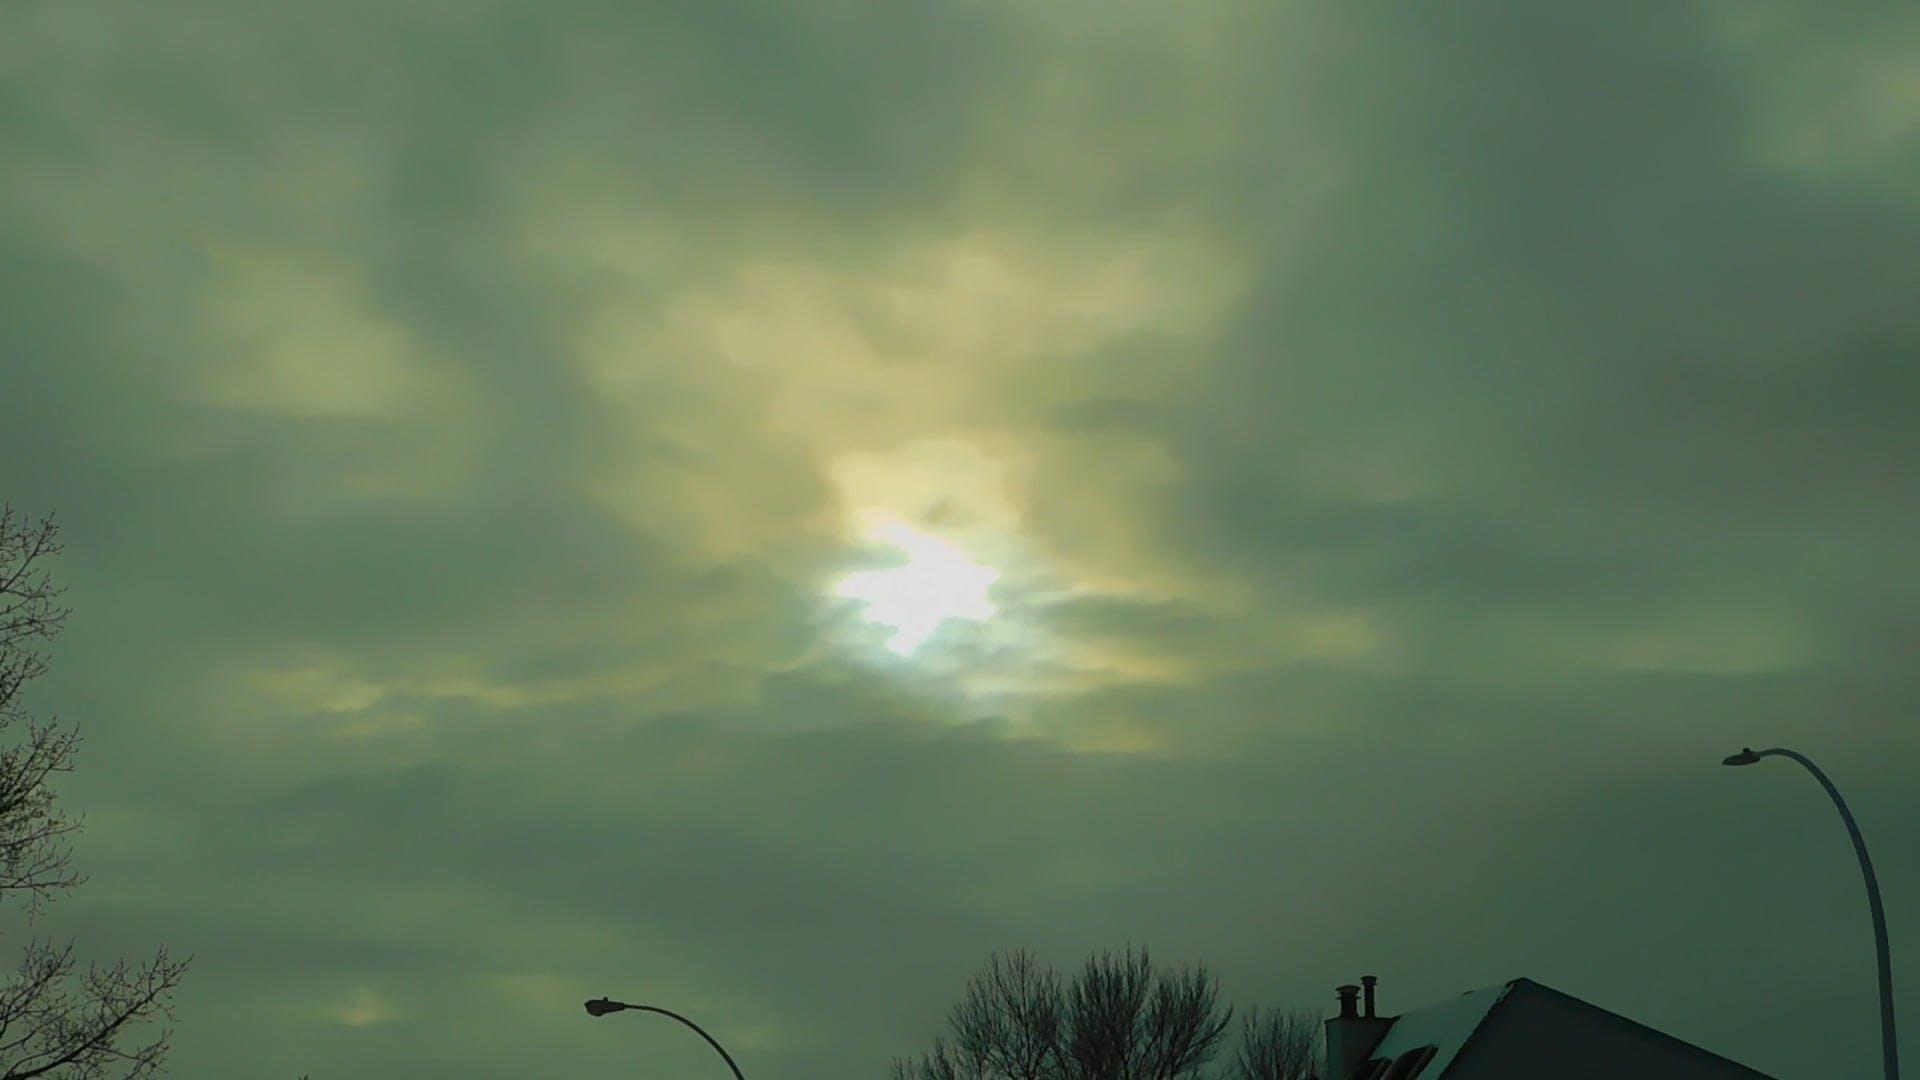 Sun Surfacing Through Clouds